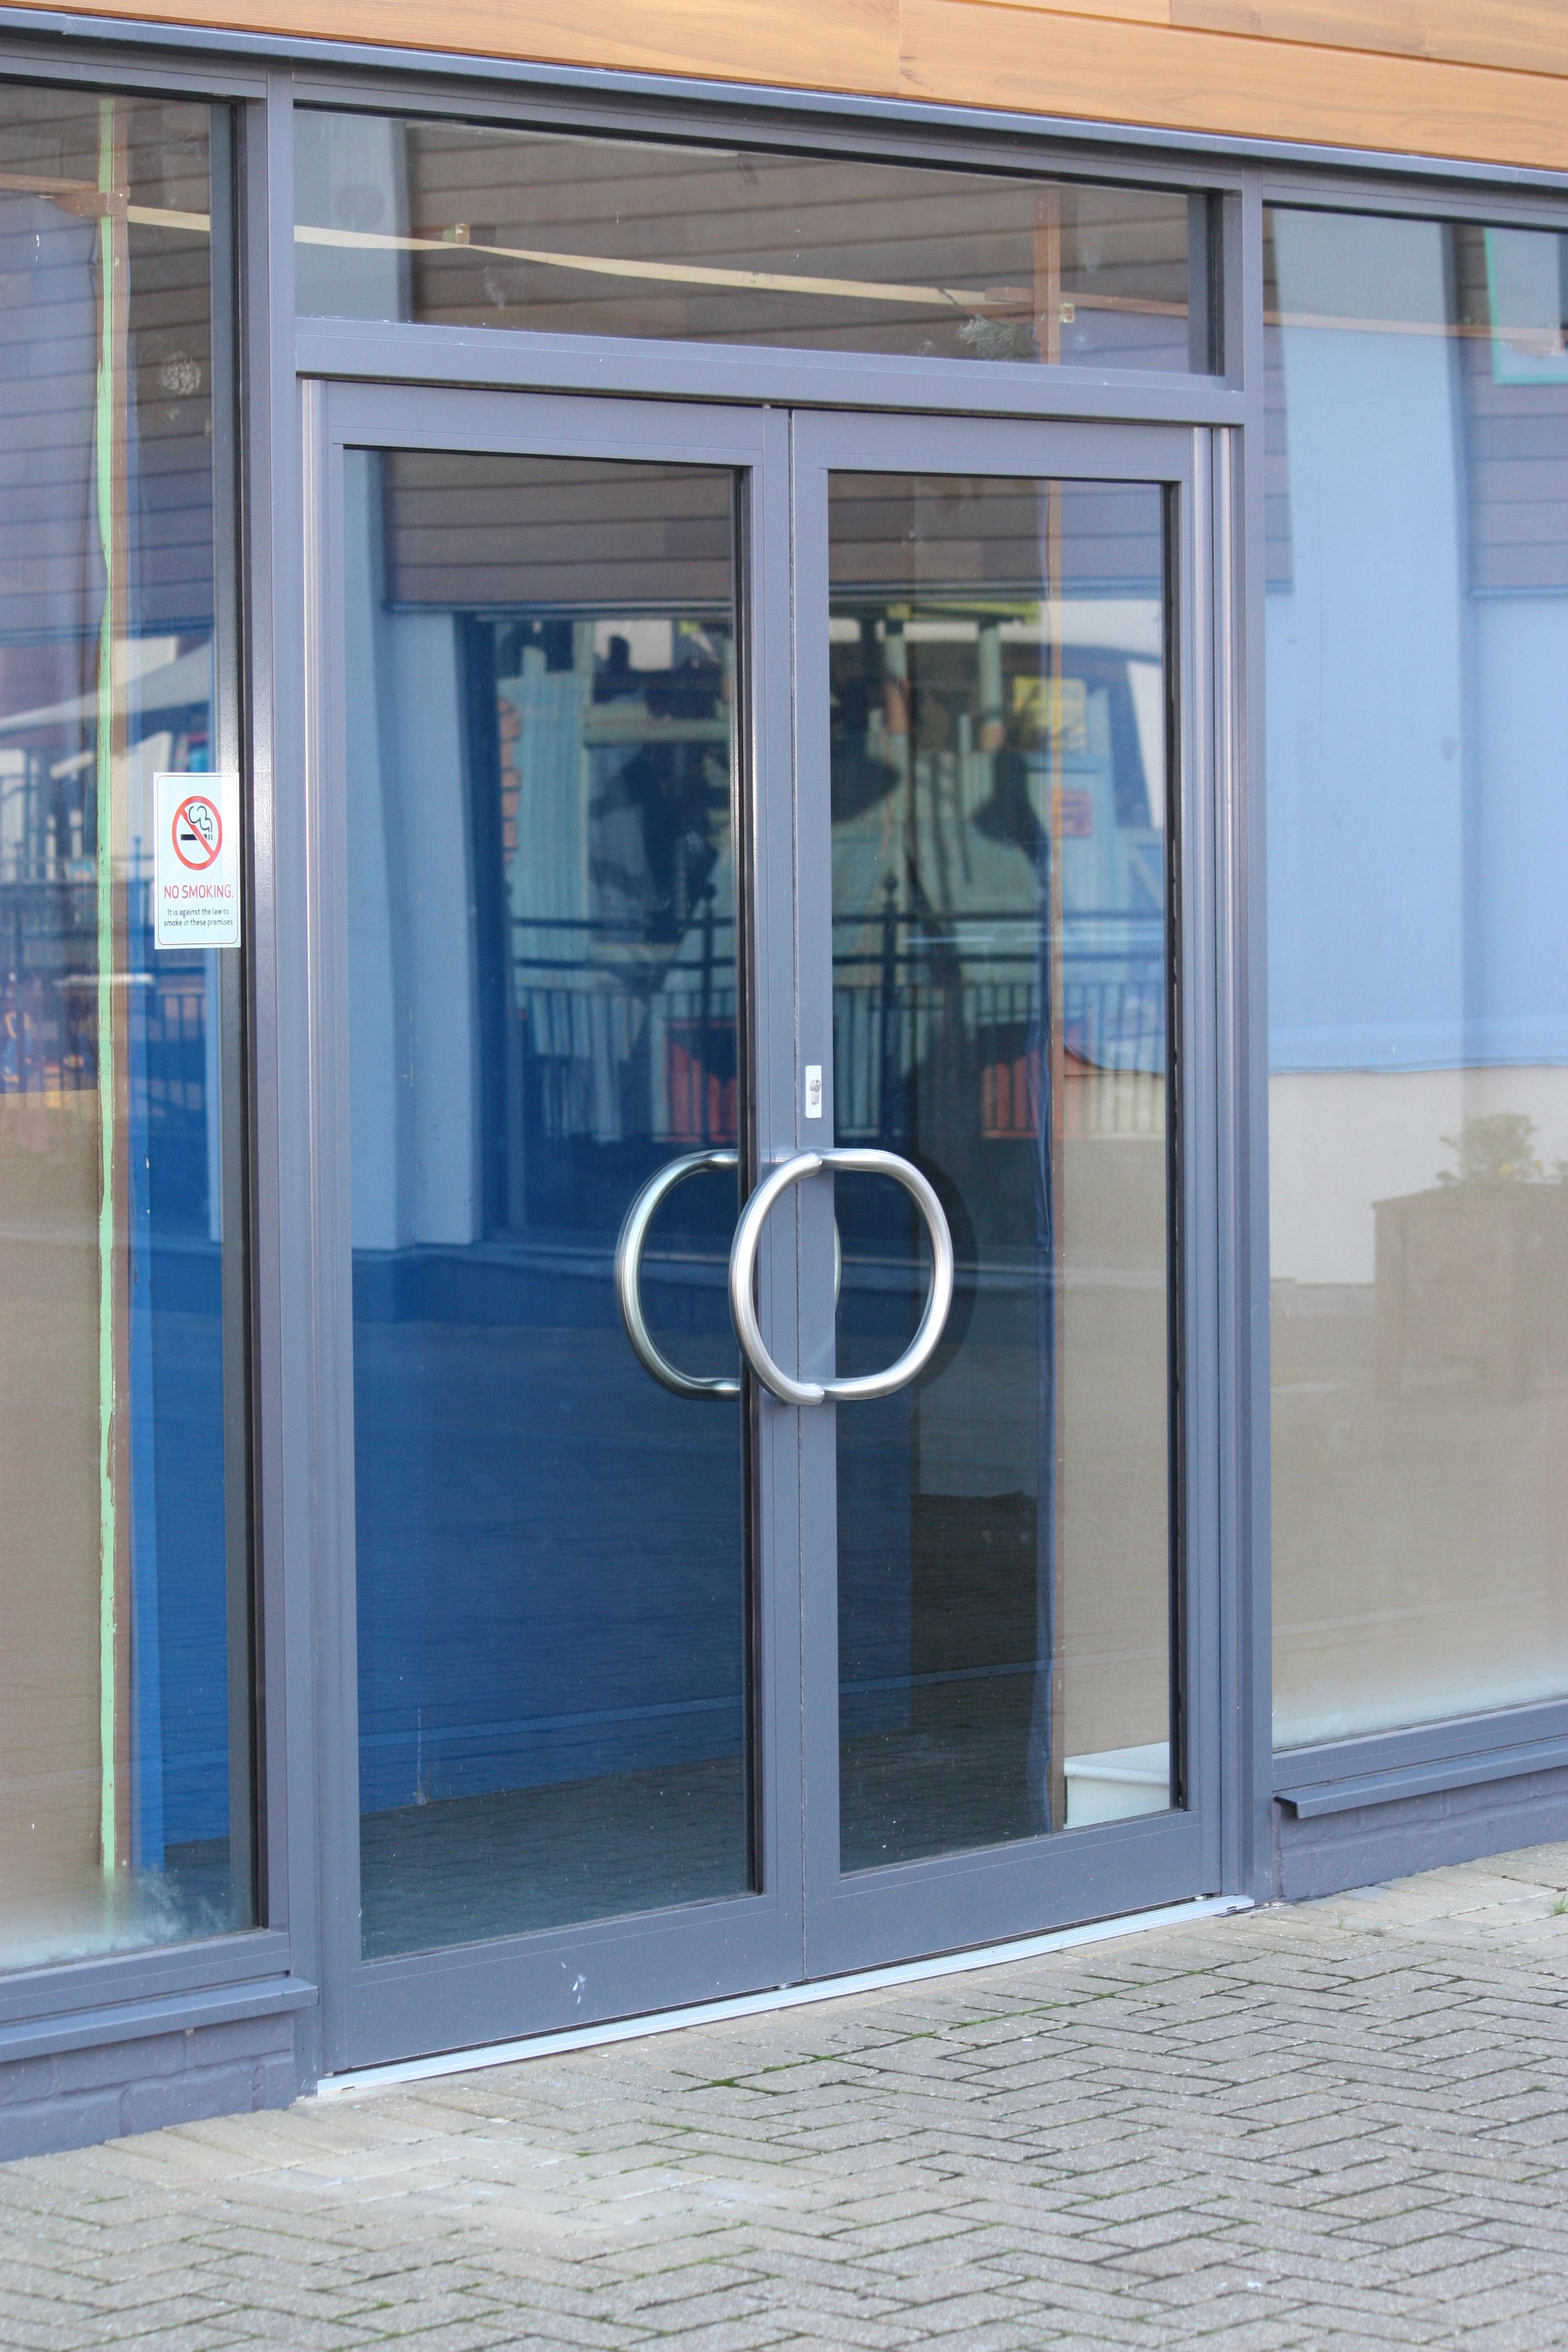 Comar 7 Doors Passes LPS 1175, BSEN1627